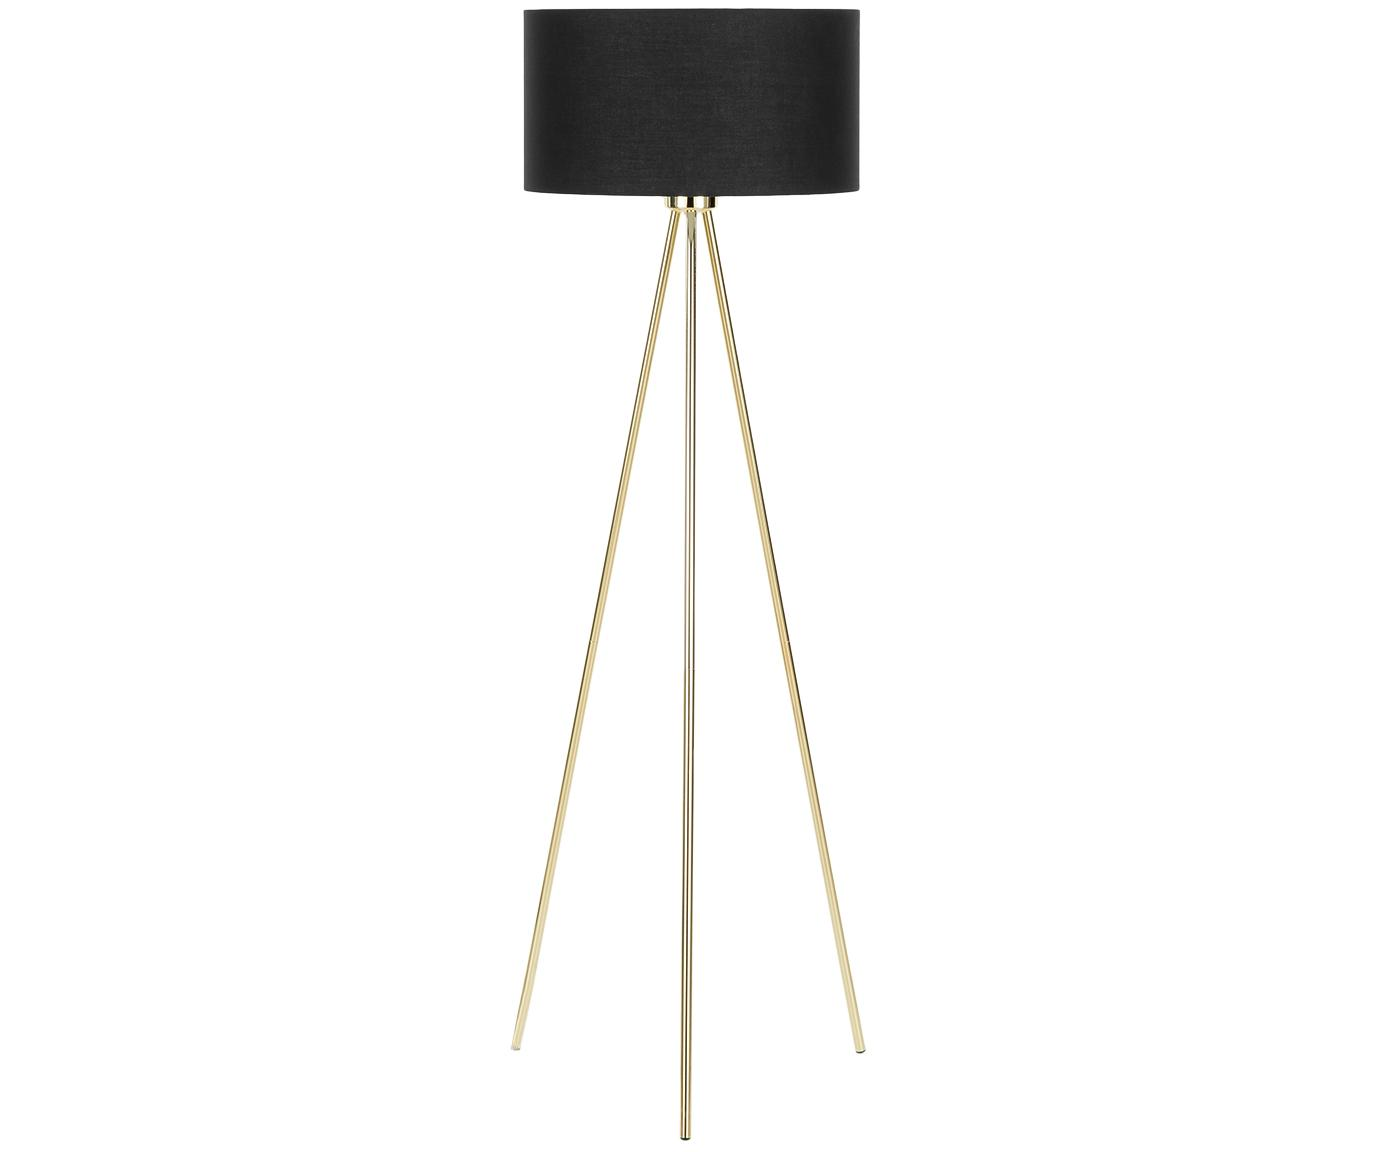 Stehlampe Cella, Lampenschirm: Baumwolle, Schwarz, Goldfarben, Ø 45 x H 148 cm